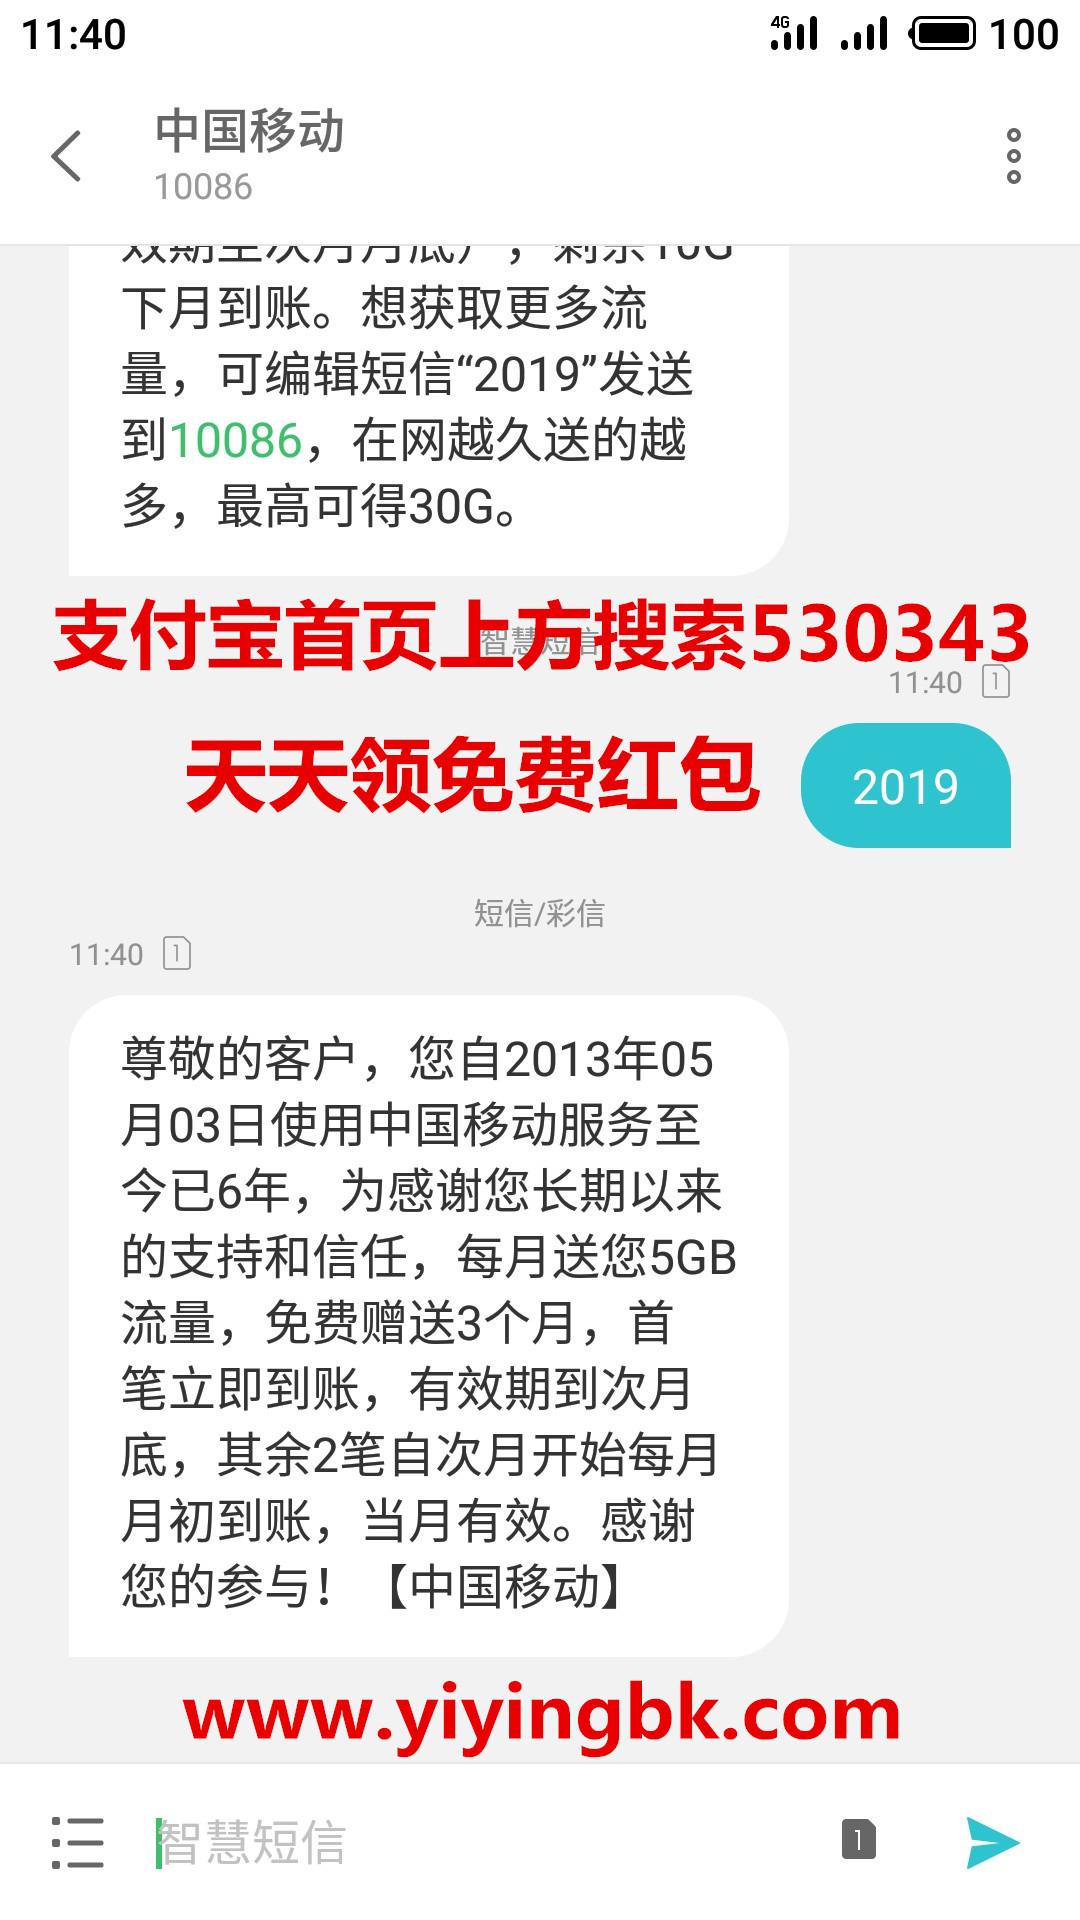 中国移动查网龄送流量,最高送30G